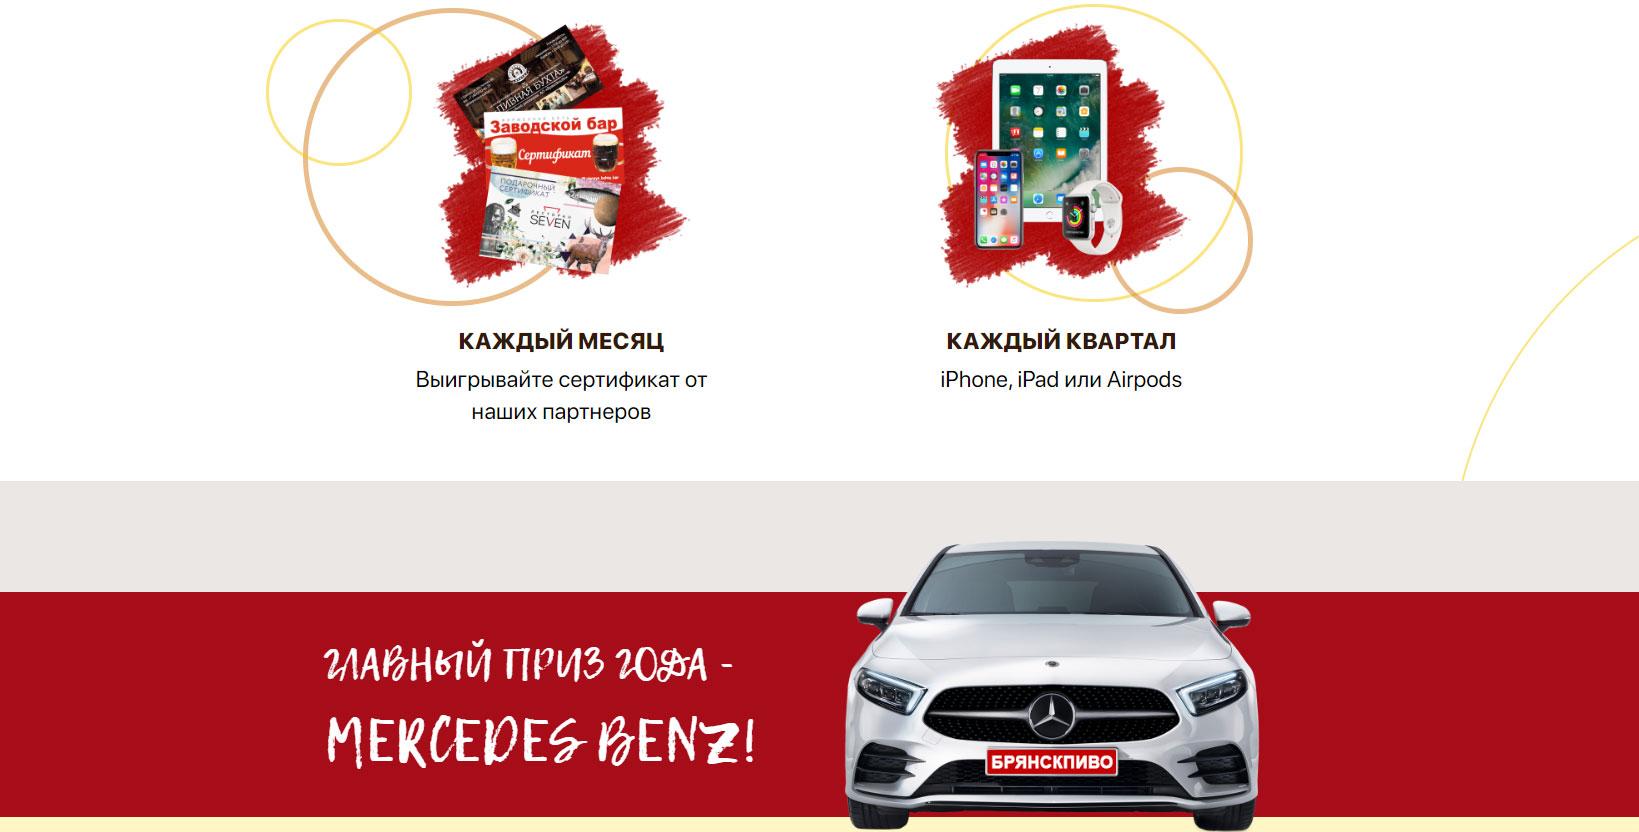 Акция Брянскпиво «Подари себе Mercedes» —